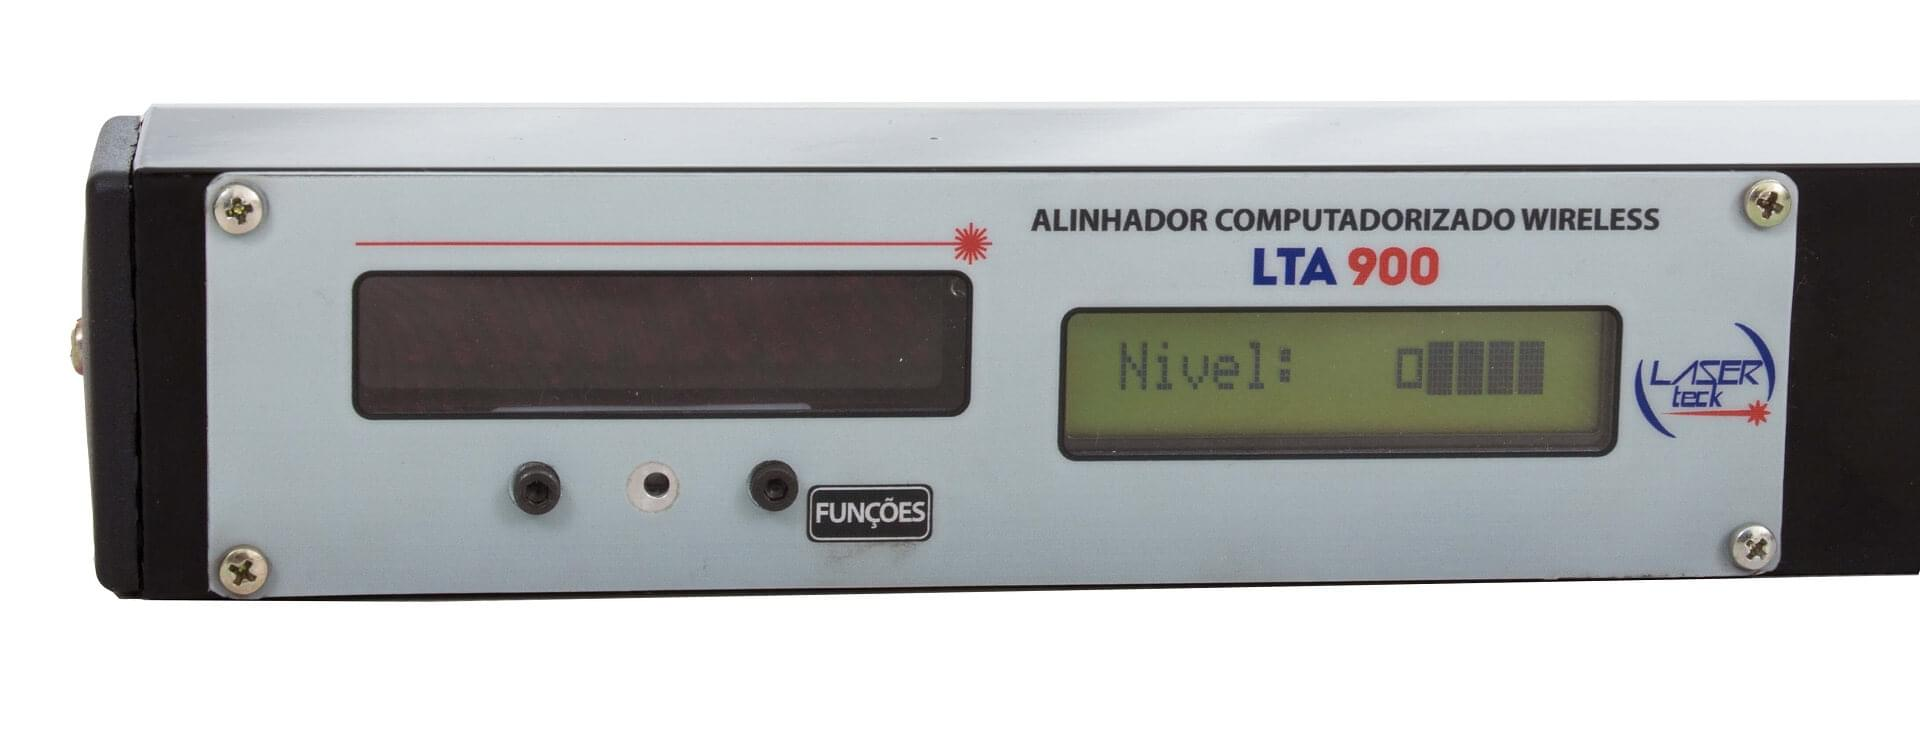 Alinhador digital LTA 900 computadorizado